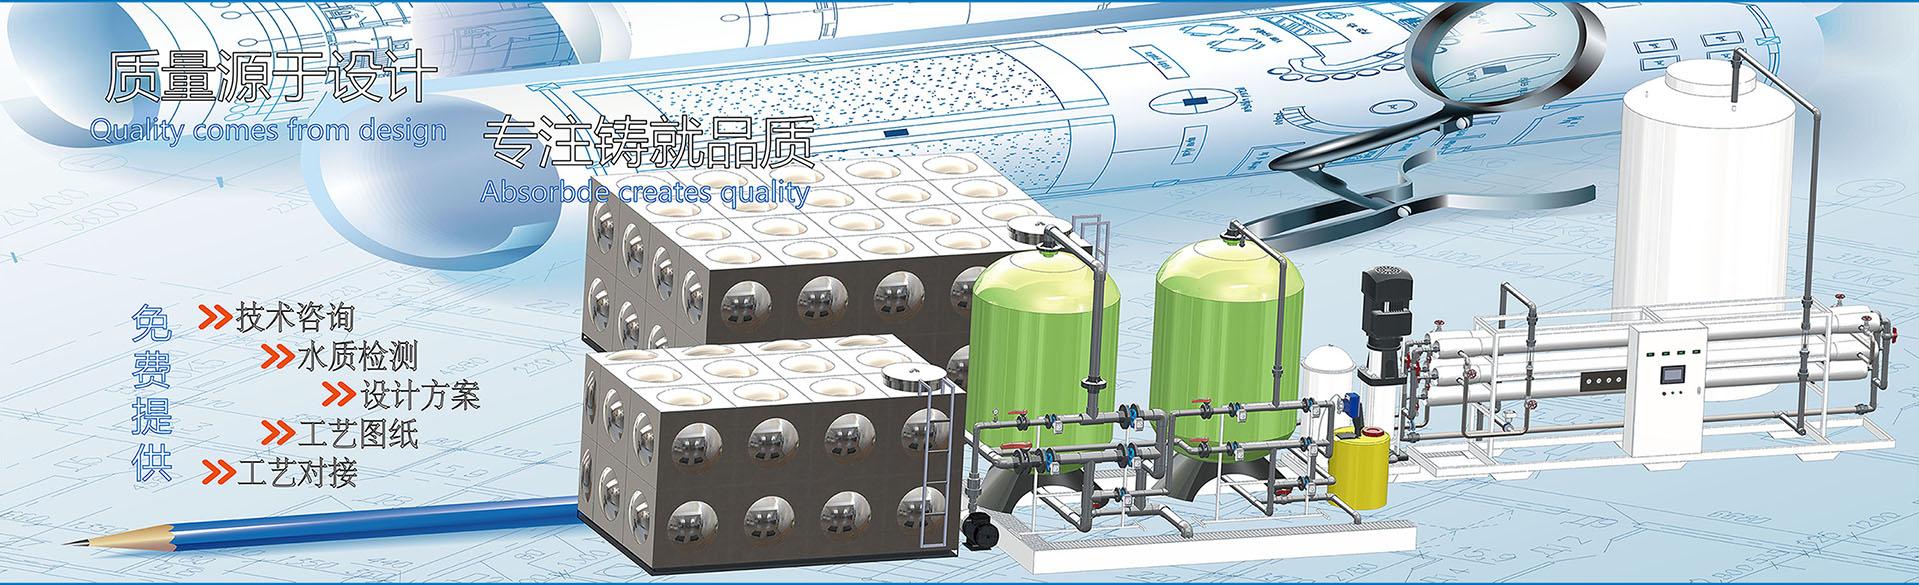 不鏽鋼水處理設備